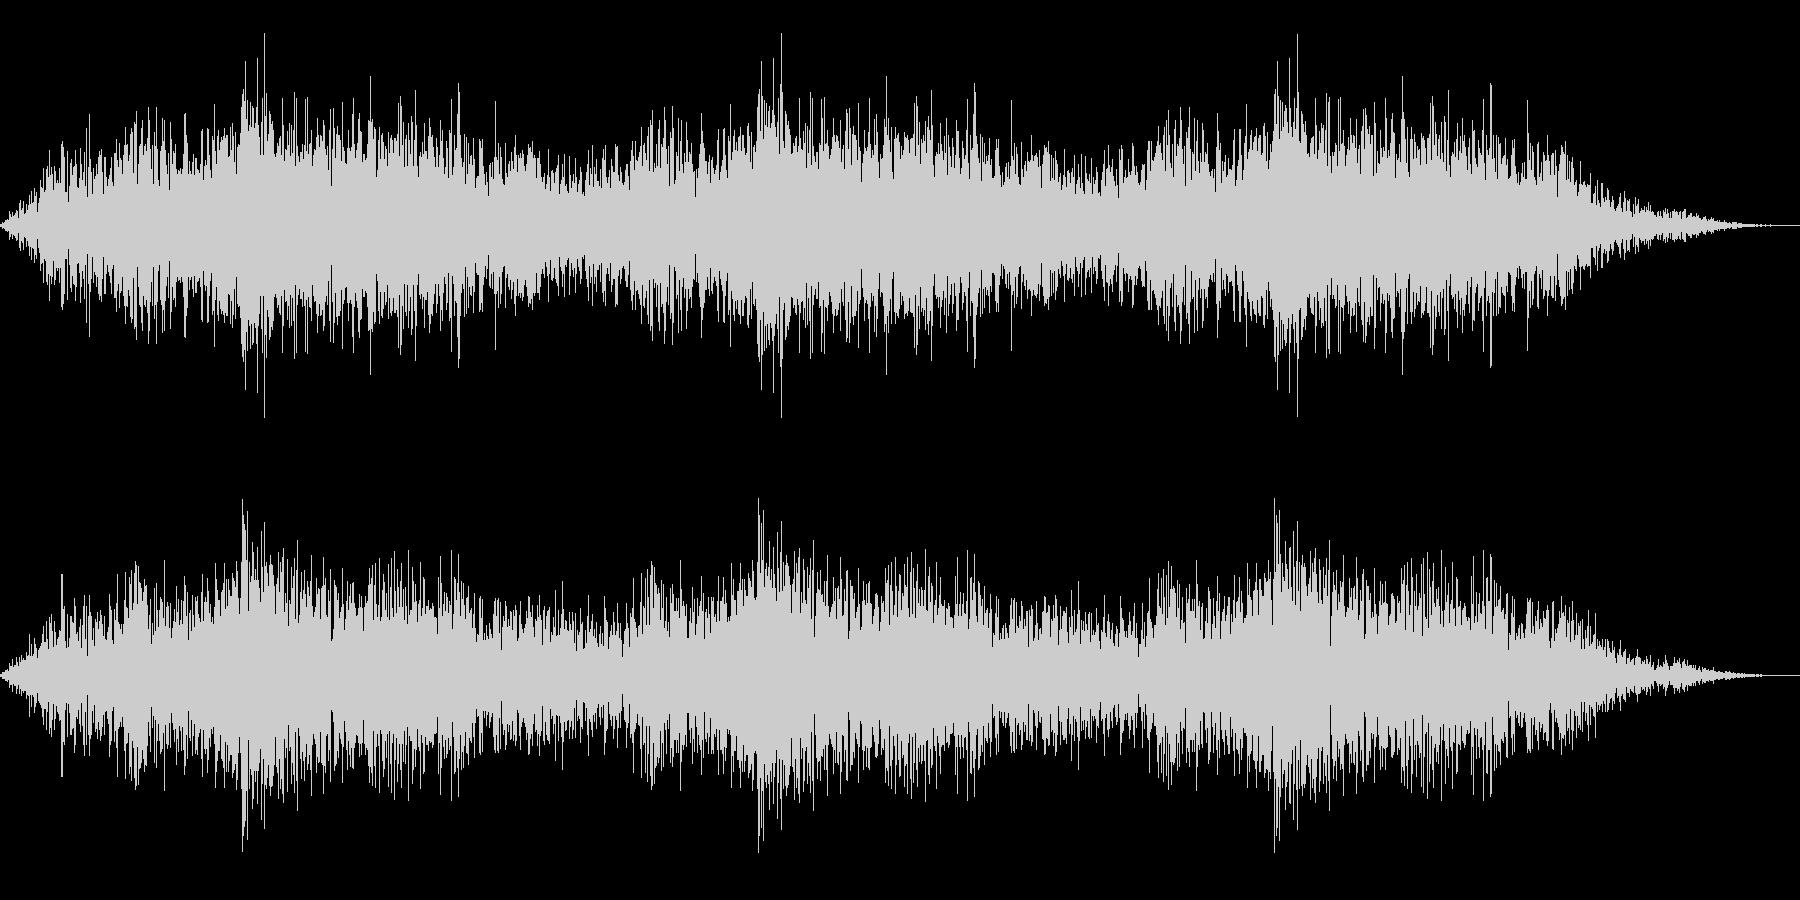 ホラー映画に出てきそうなノイズ系音源17の未再生の波形